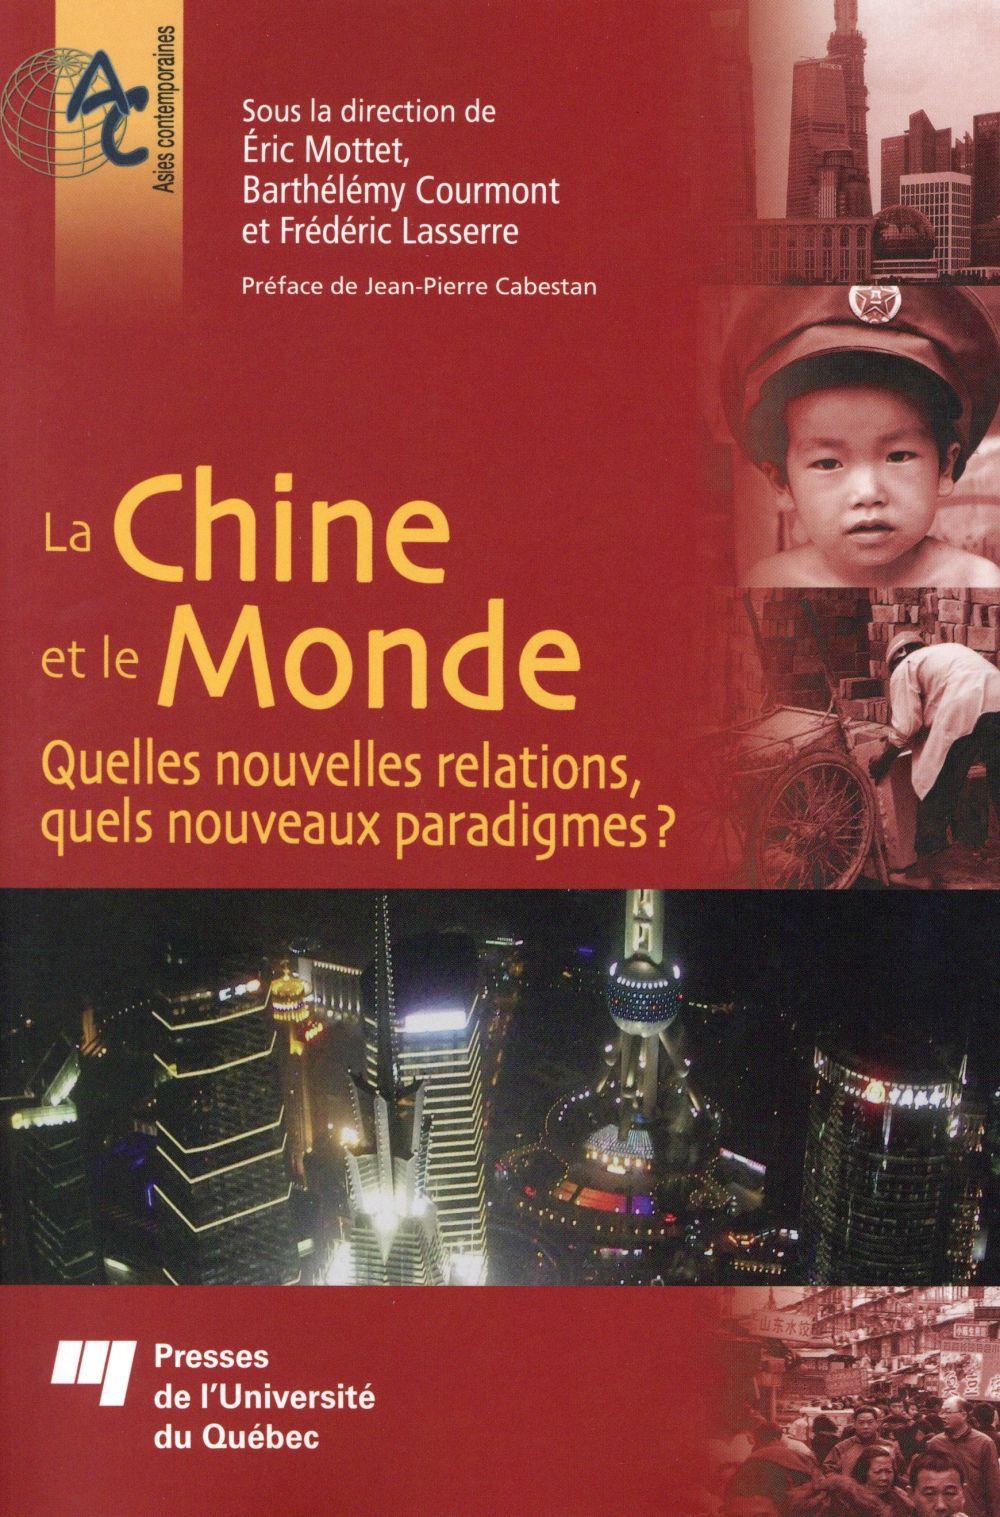 Chine et le monde